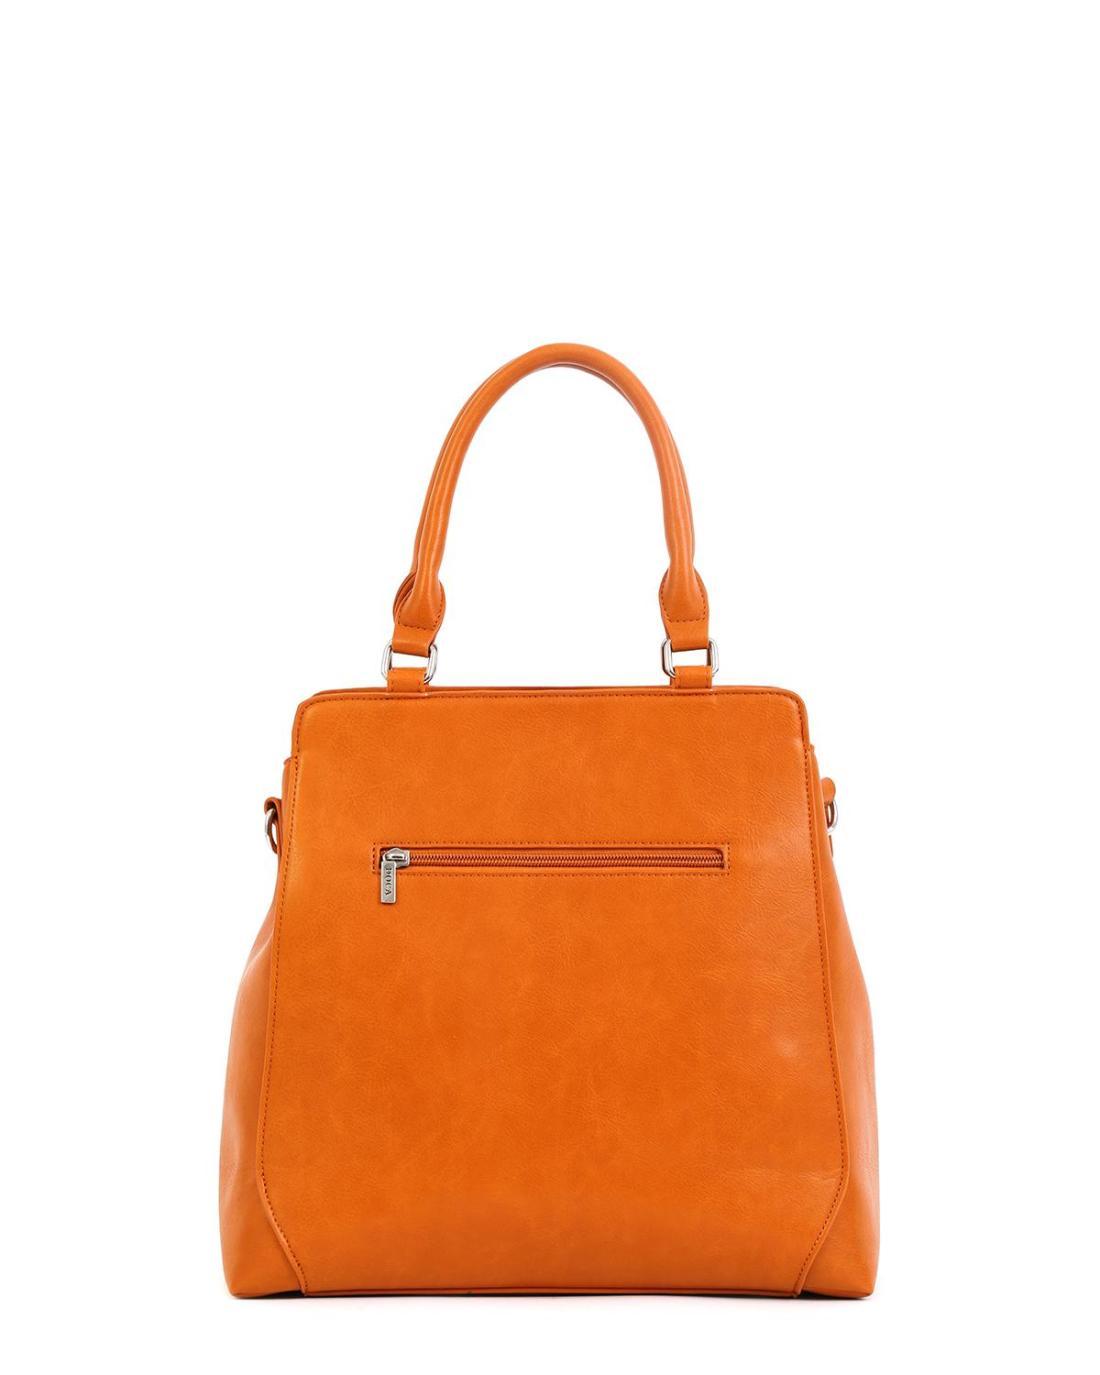 Καθημερινή τσάντα χειρός/ώμου κάμελ